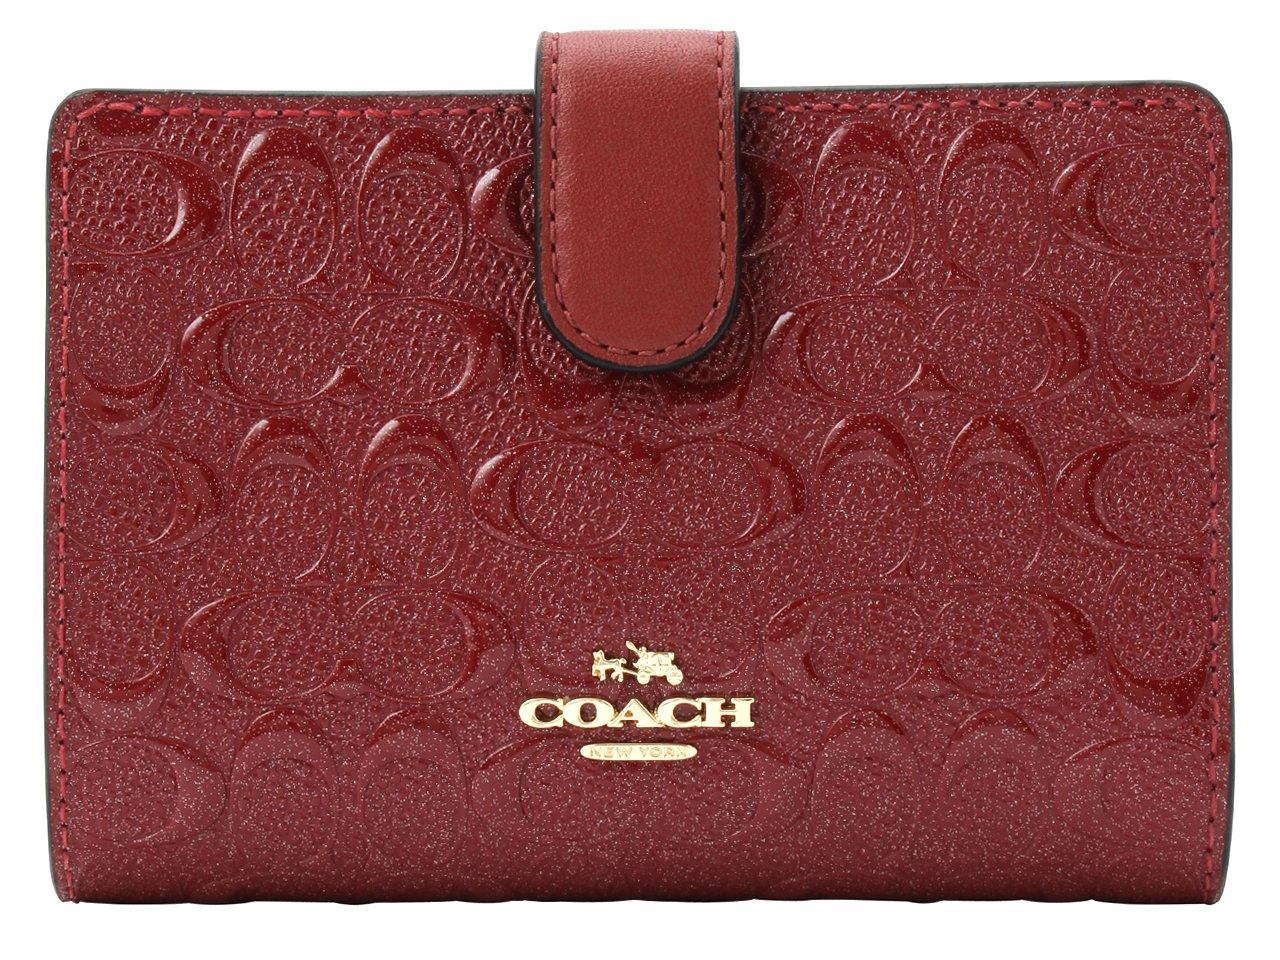 (コーチ) COACH 財布 二つ折り シグネチャー パテント MEDIUM CORNER F25937 アウトレット [並行輸入品] B07BGWM61D ダークレッド ダークレッド